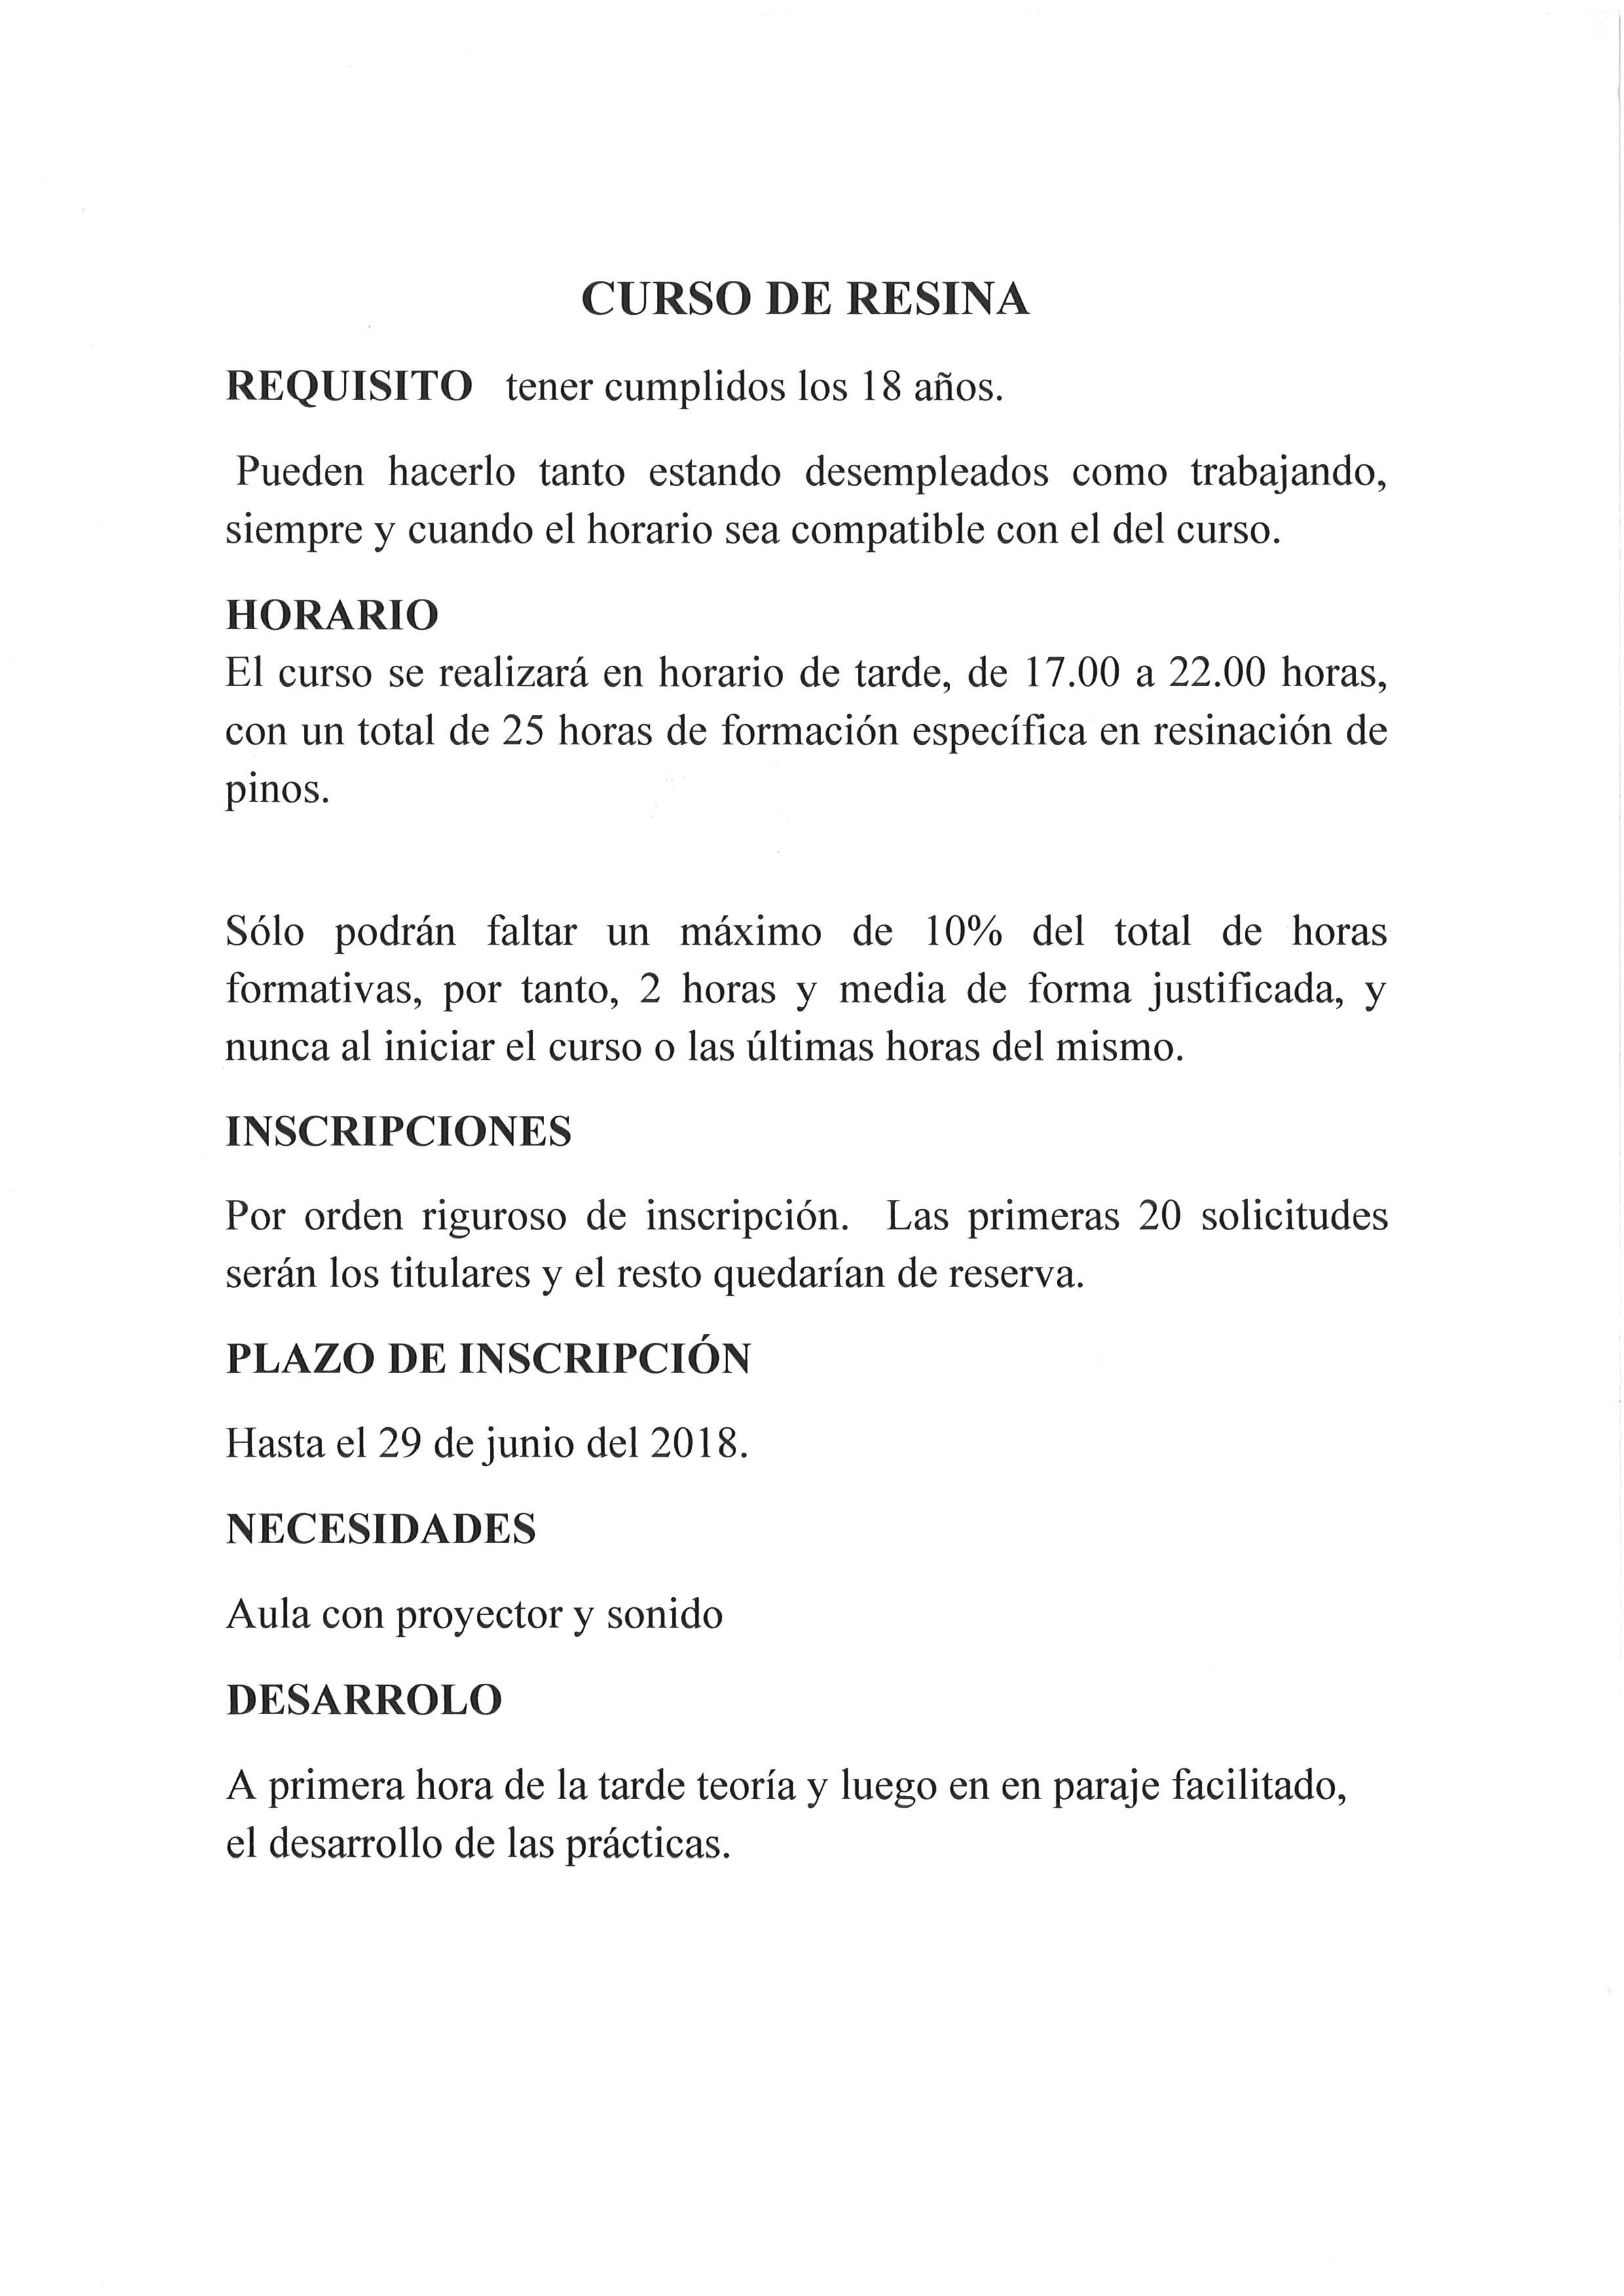 """CONVOCATORIA PARA SESI""""N ORDINARIA DEL AYUNTAMIENTO DE PINOFRANQUEADO Por Decreto de 25 de junio de 2018 el Sr Alcalde del Ayuntamiento de Pinofranqueado"""